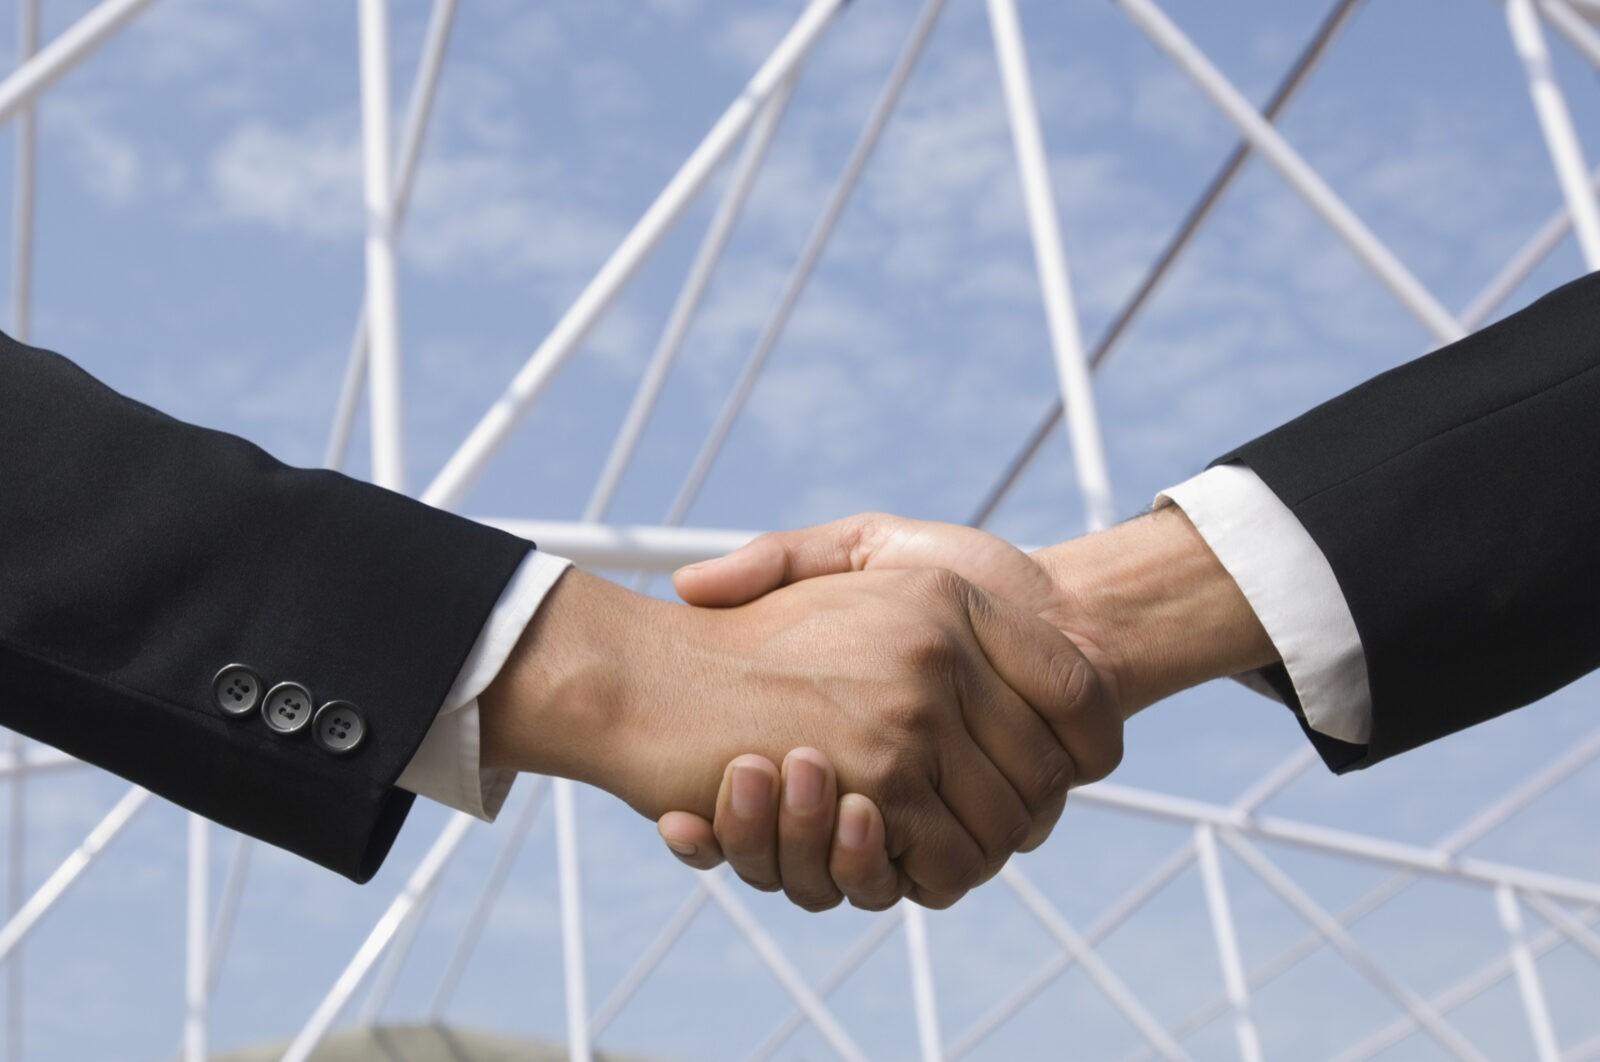 В связи с открытием трассы М11 иностранные инвесторы выступают с предложениями о более активной реализации проектов в Тверской области